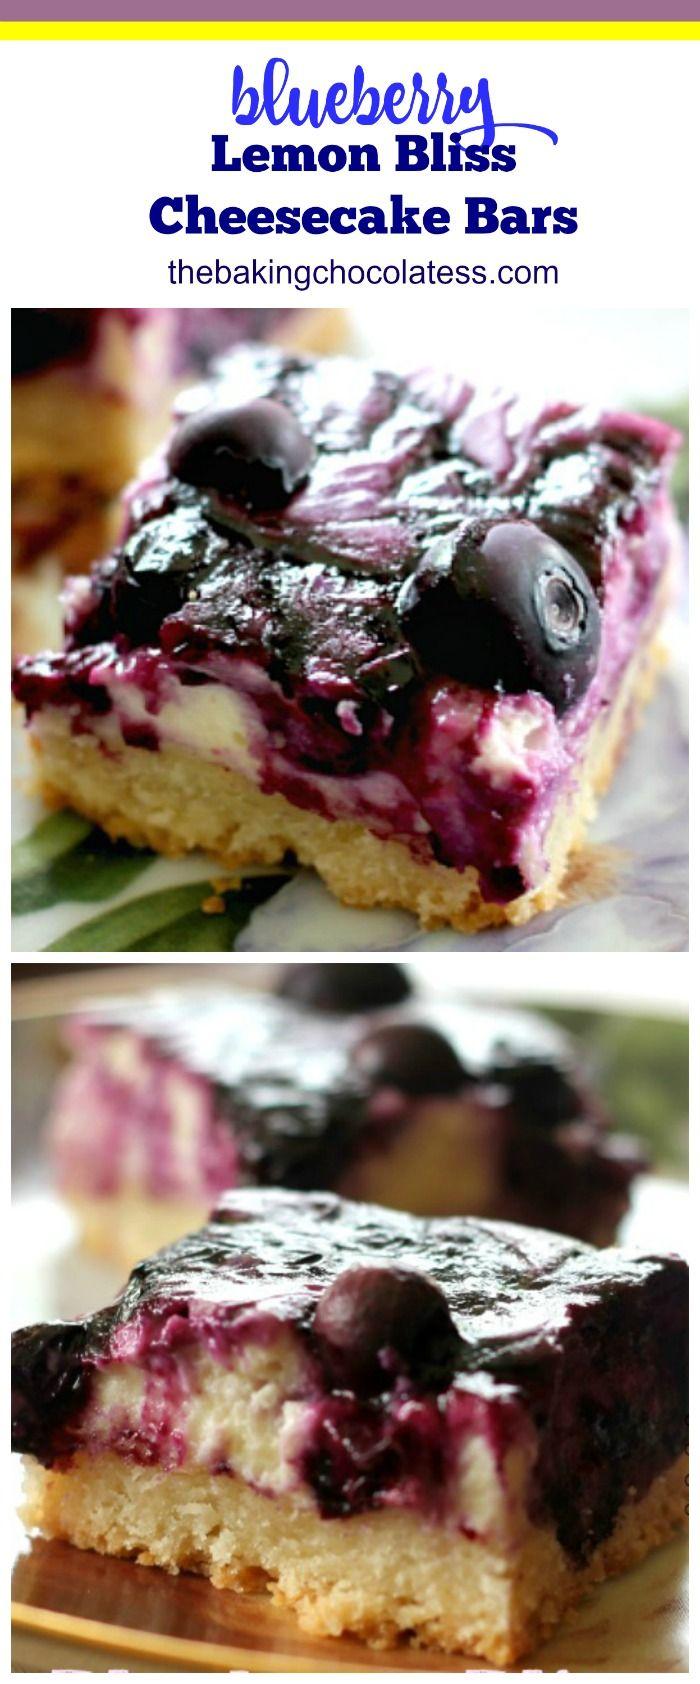 Blueberry Lemon Bliss Cheesecake Bars via @https://www.pinterest.com/BaknChocolaTess/